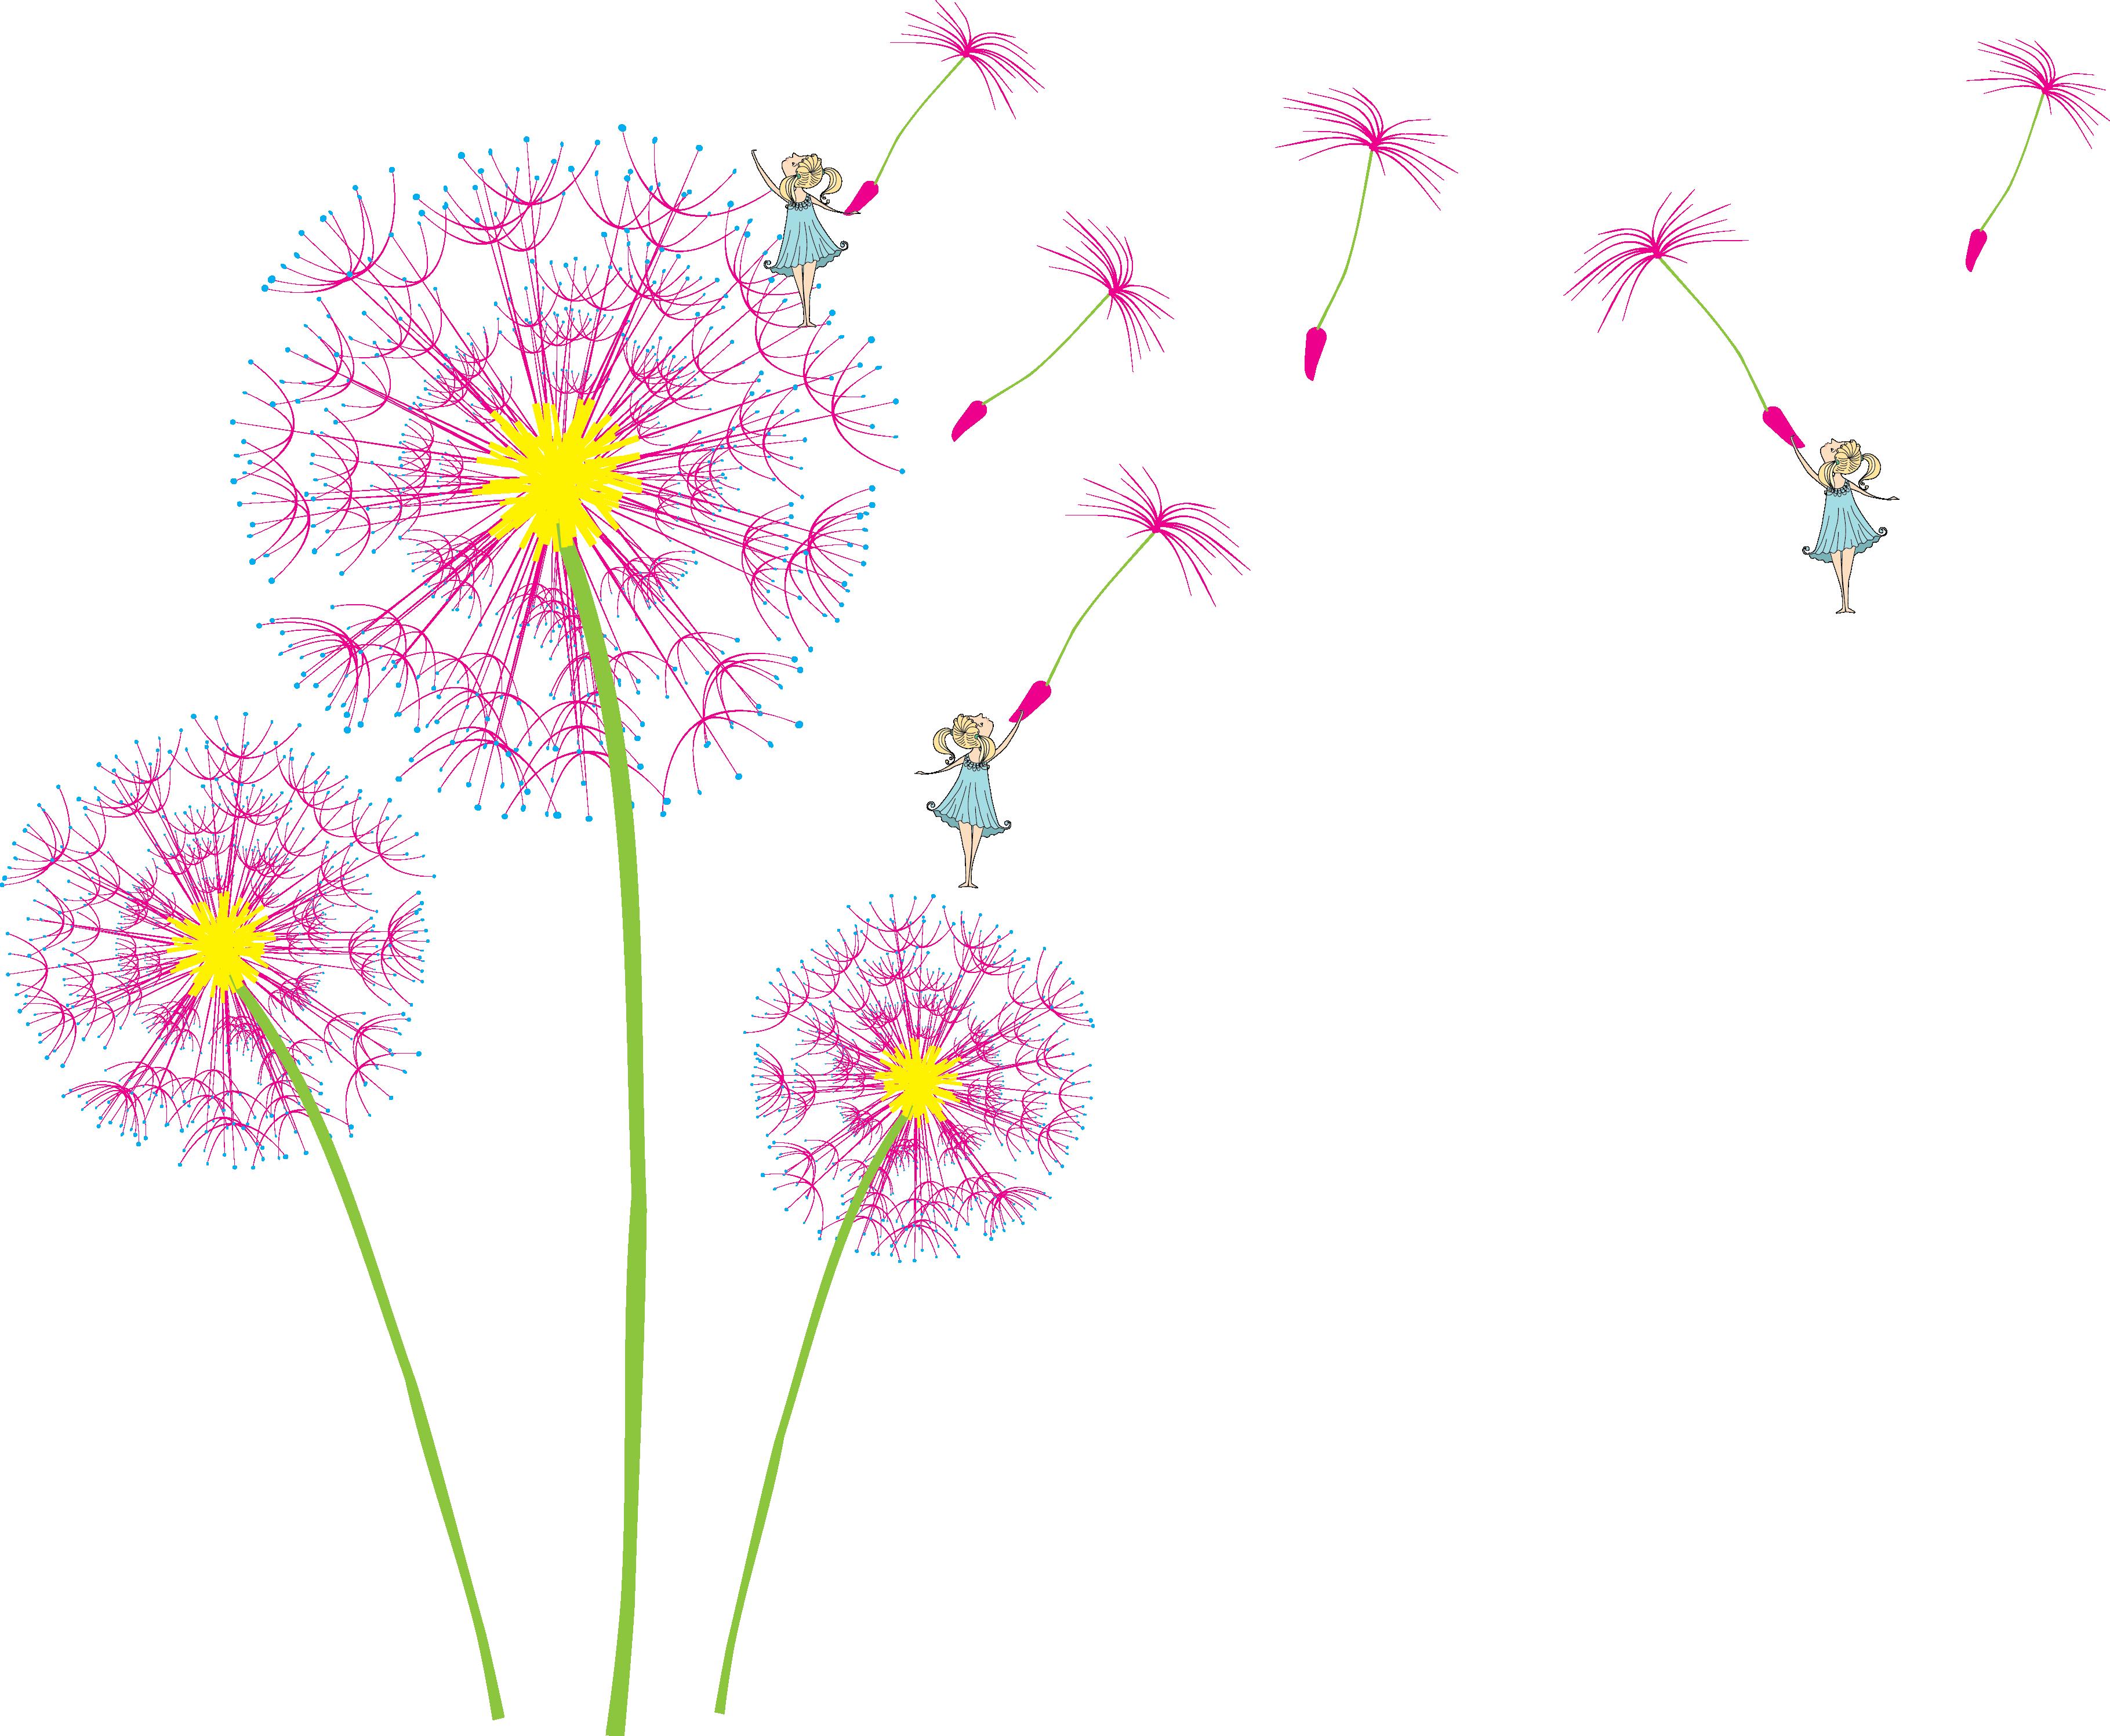 Floral design petal pattern. Dandelion clipart pink dandelion